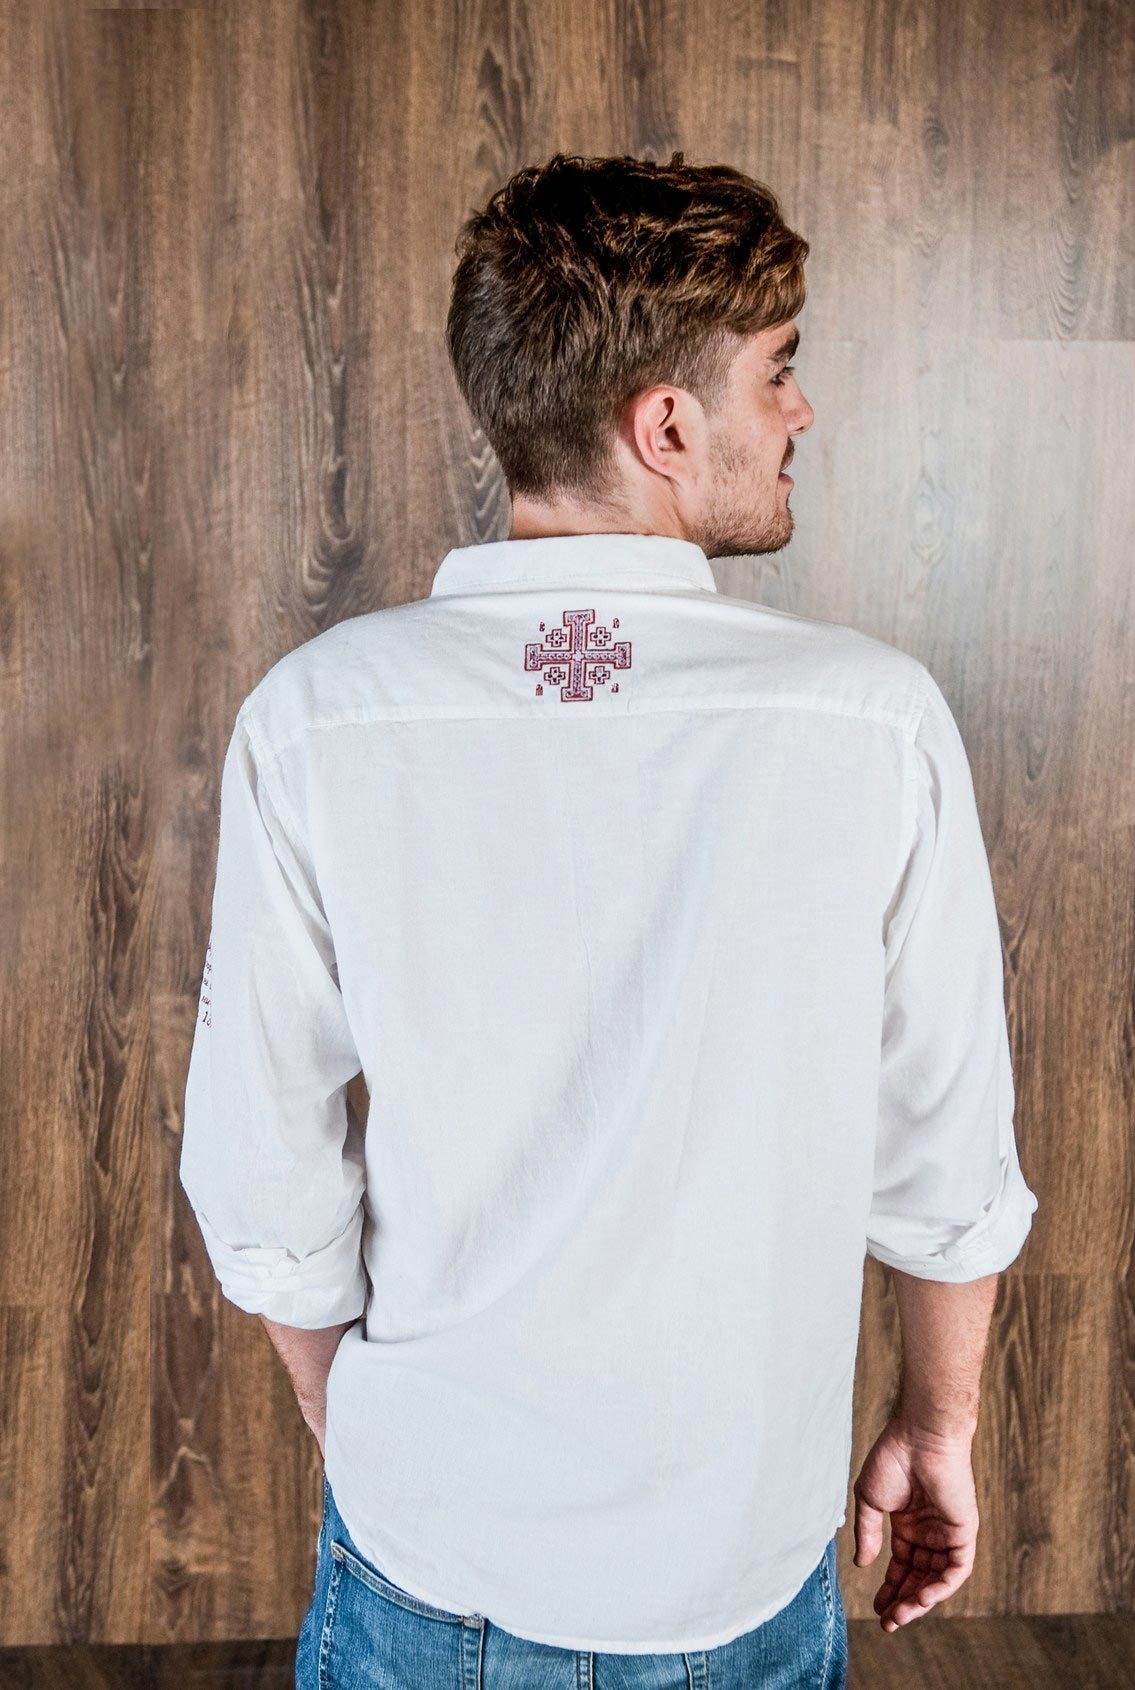 мужская рубашка Христиания, men's shirt Christiania